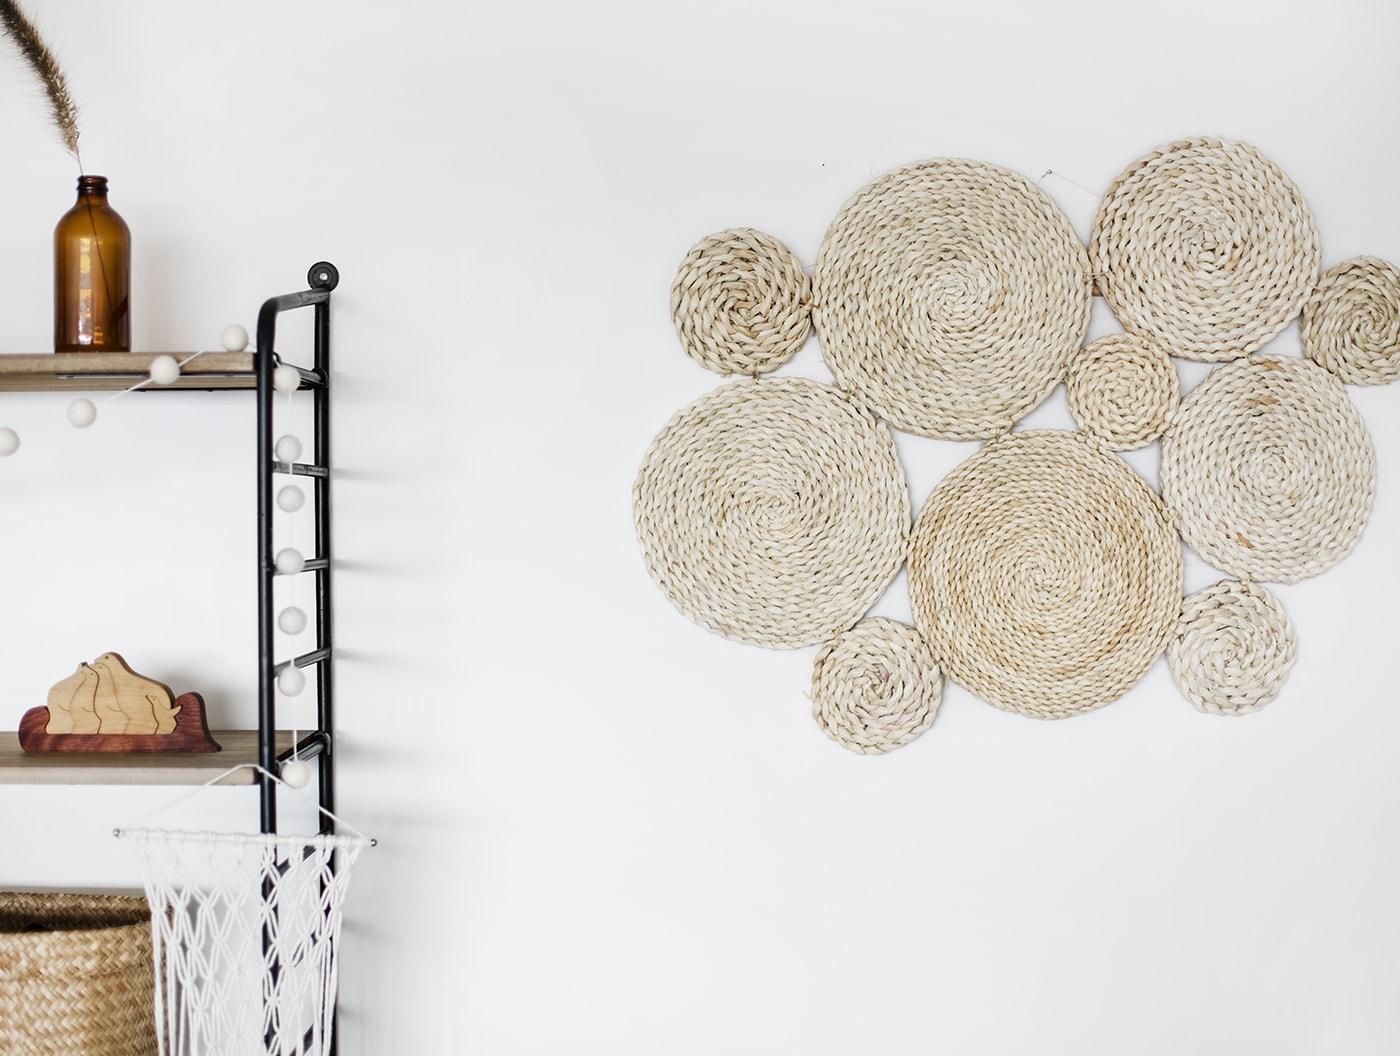 DIY raffia wall hanging 5